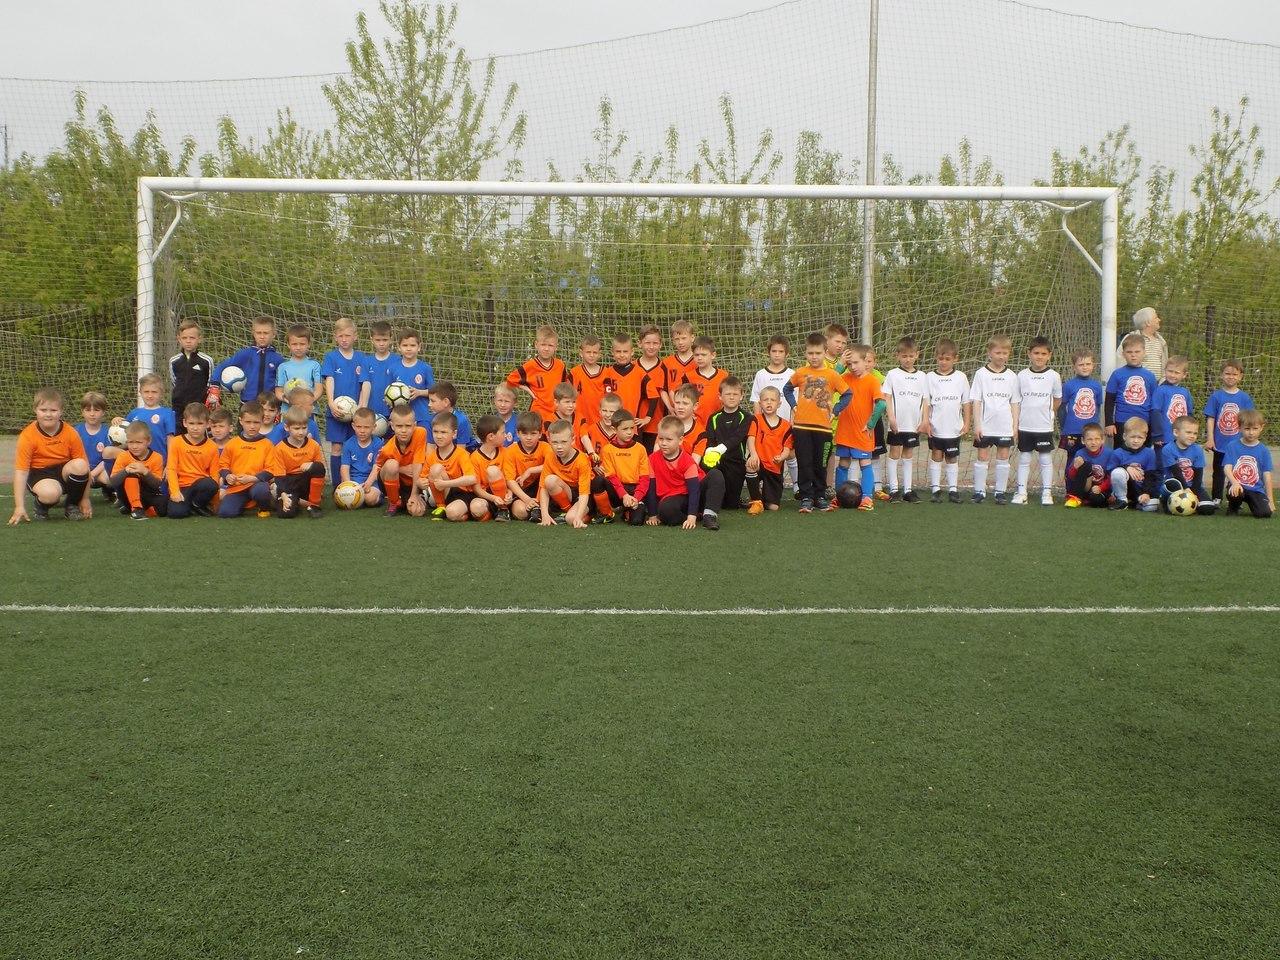 Расписание игр чемпионата города Подольска среди детских команд 2006, 2007/2008, 2009/2010 и 2010/2011 г.р. на 27.05.2017 года